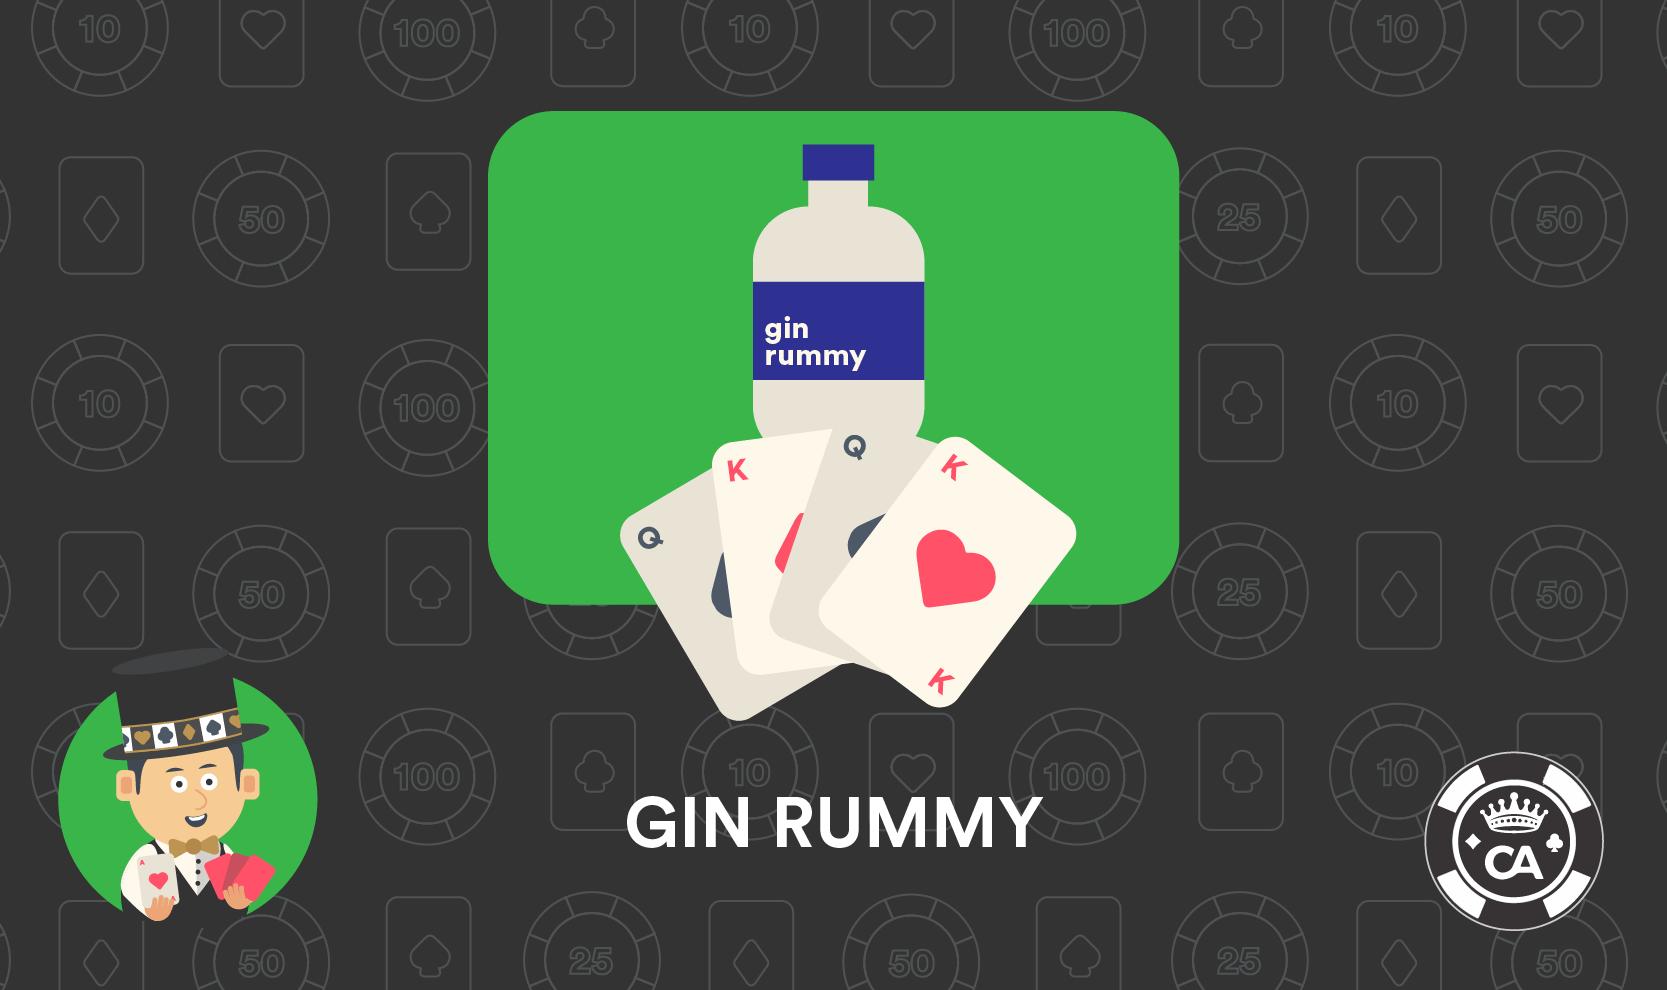 Reglas Gin Rummy